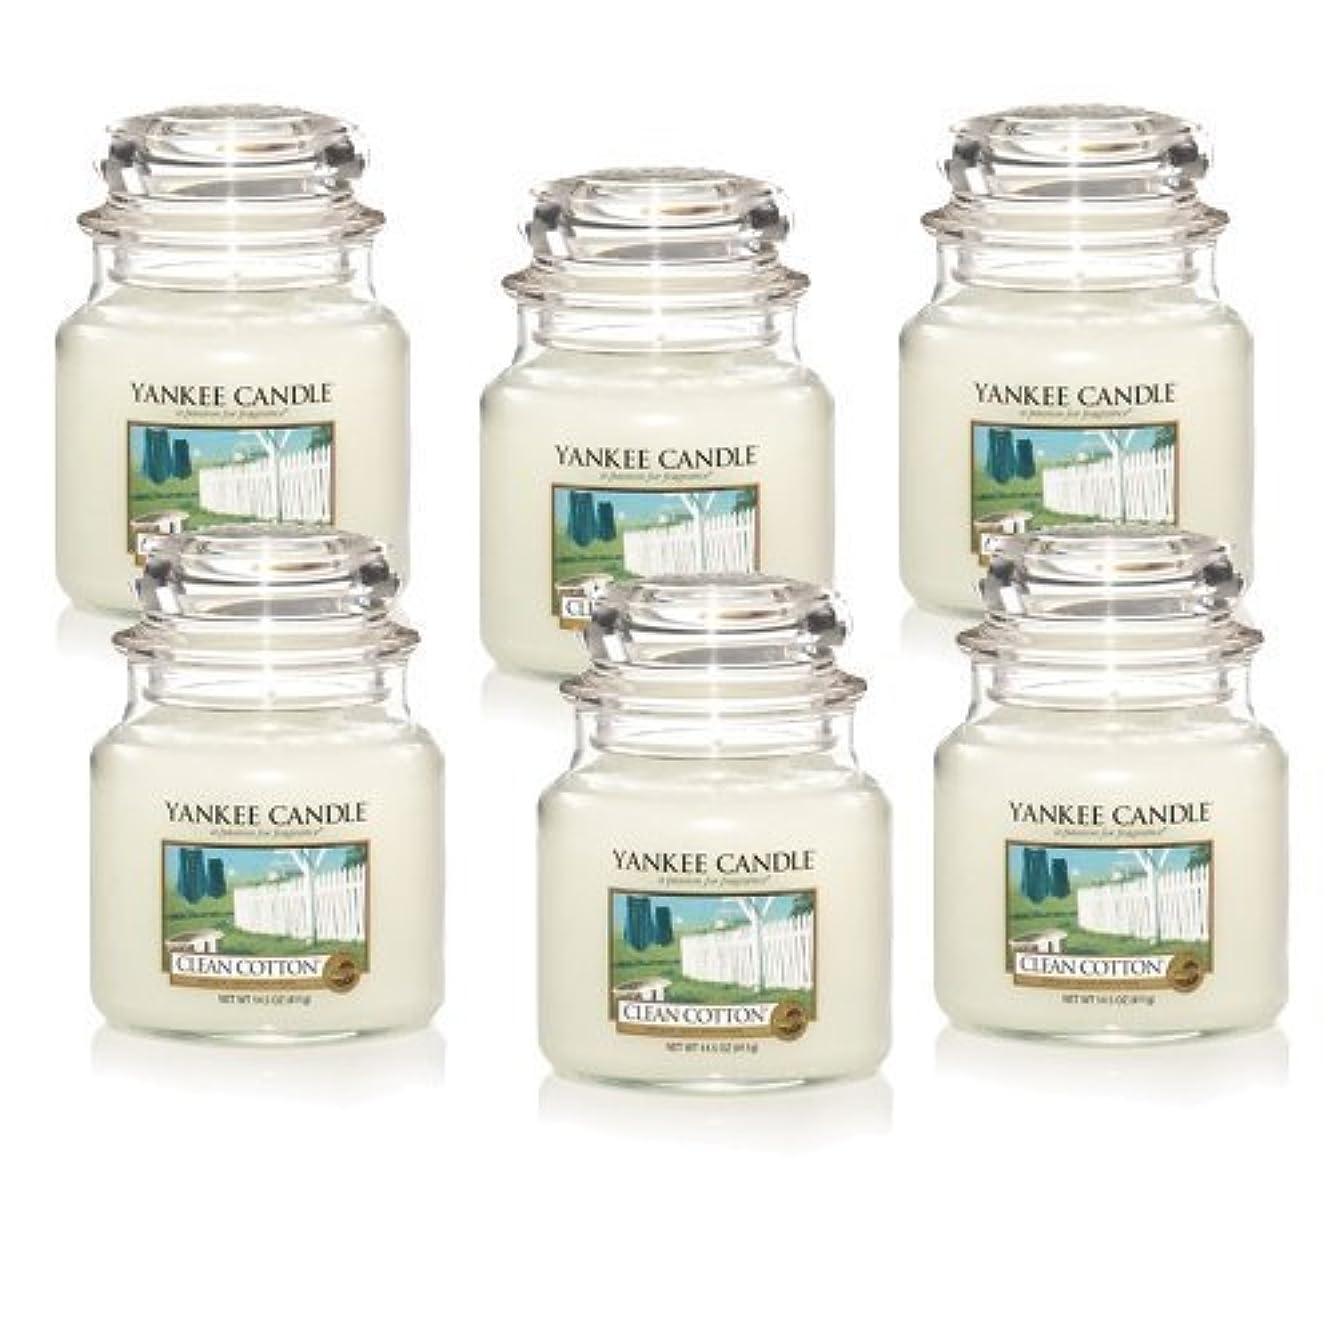 選挙輪郭密輸Yankee Candle Company Clean Cotton 14.5-Ounce Jar Candle, Medium, Set of 6 by Amazon source [並行輸入品]